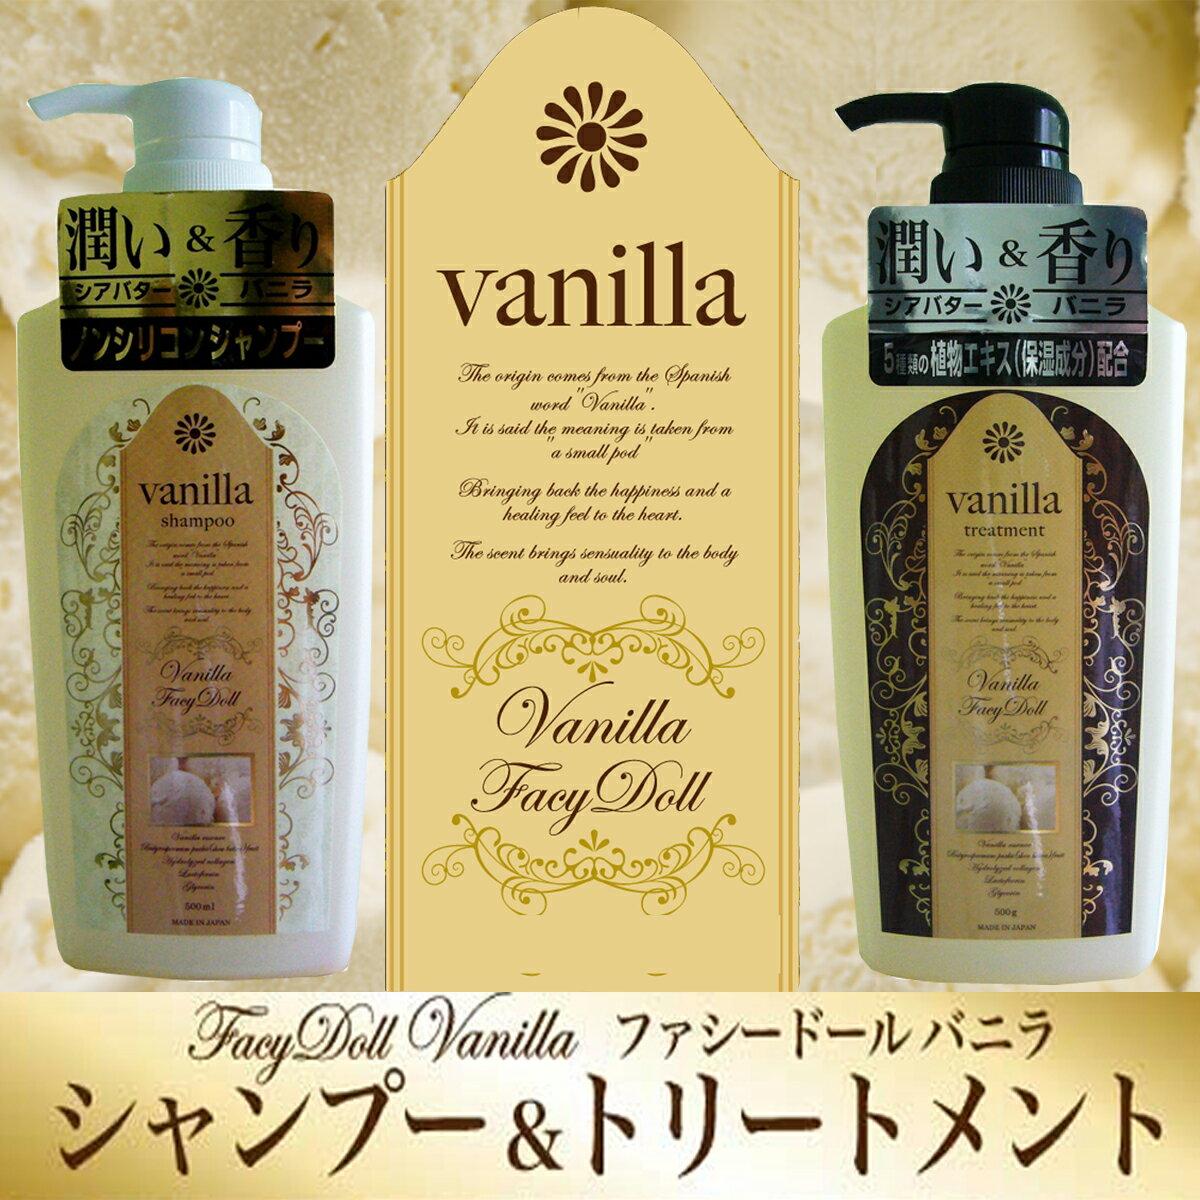 ファスィドール vanilla shampoo & treatment set